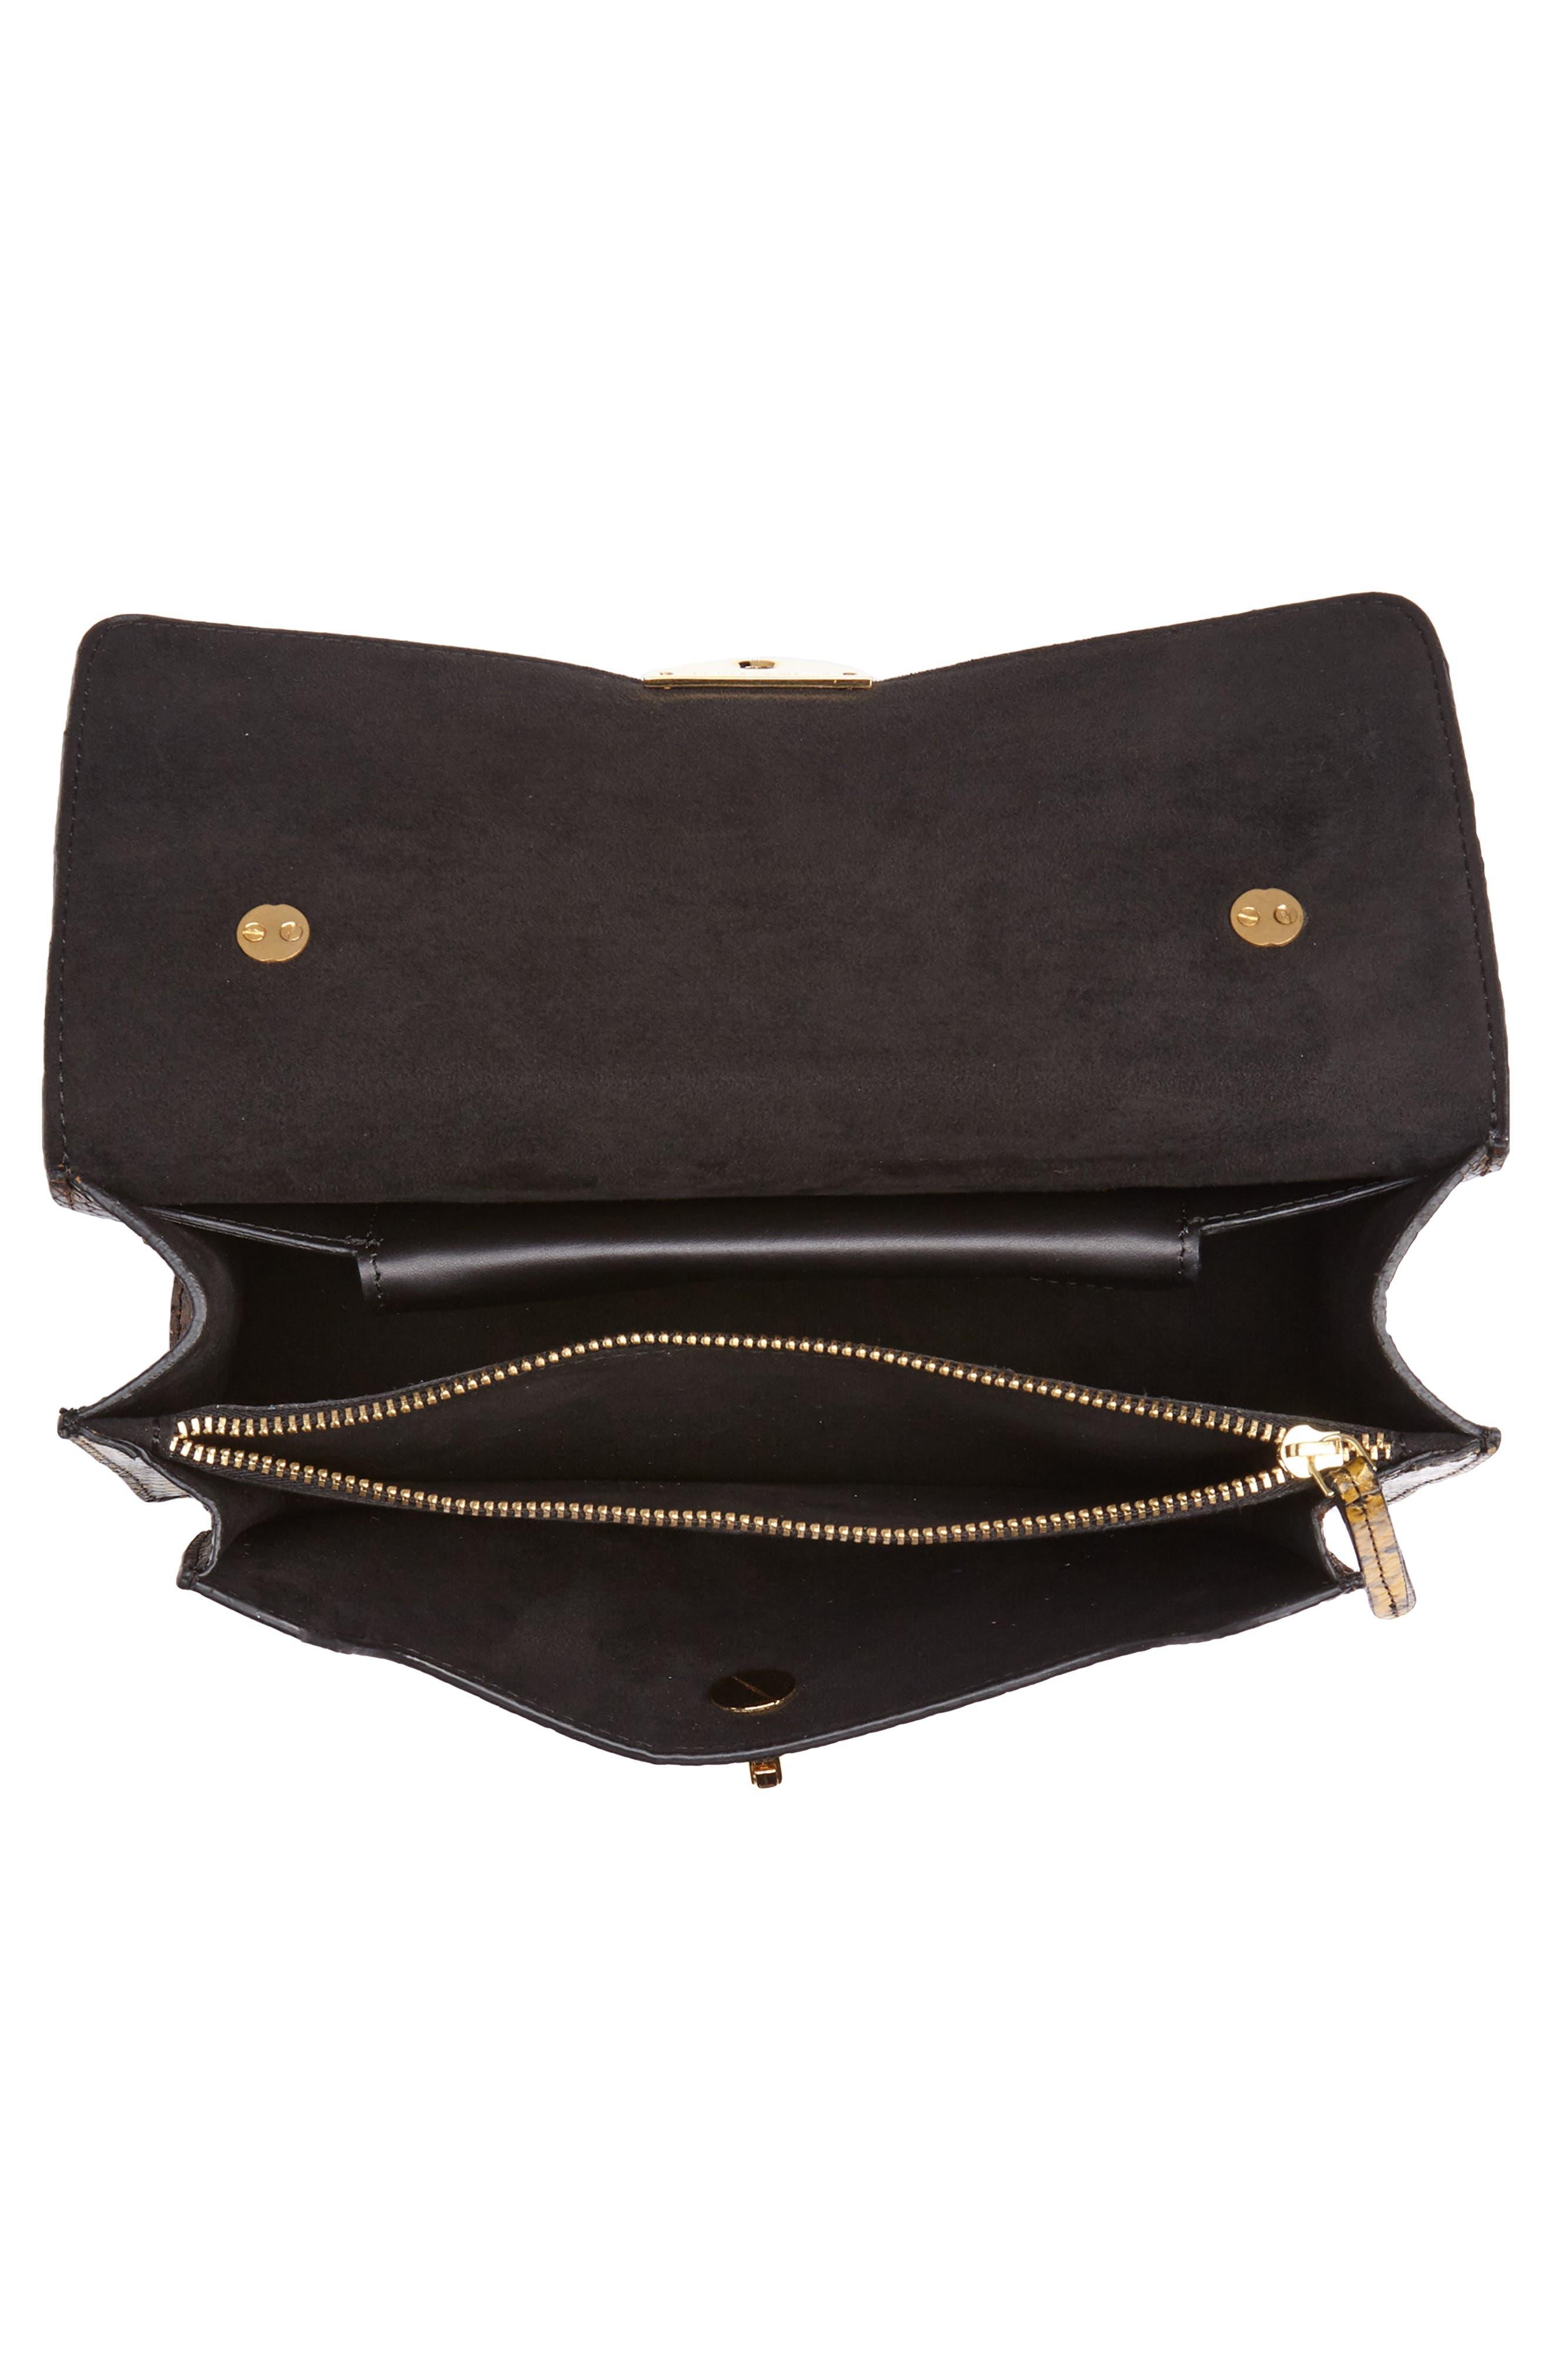 Croc Embossed Leather Shoulder Bag,                             Alternate thumbnail 4, color,                             200